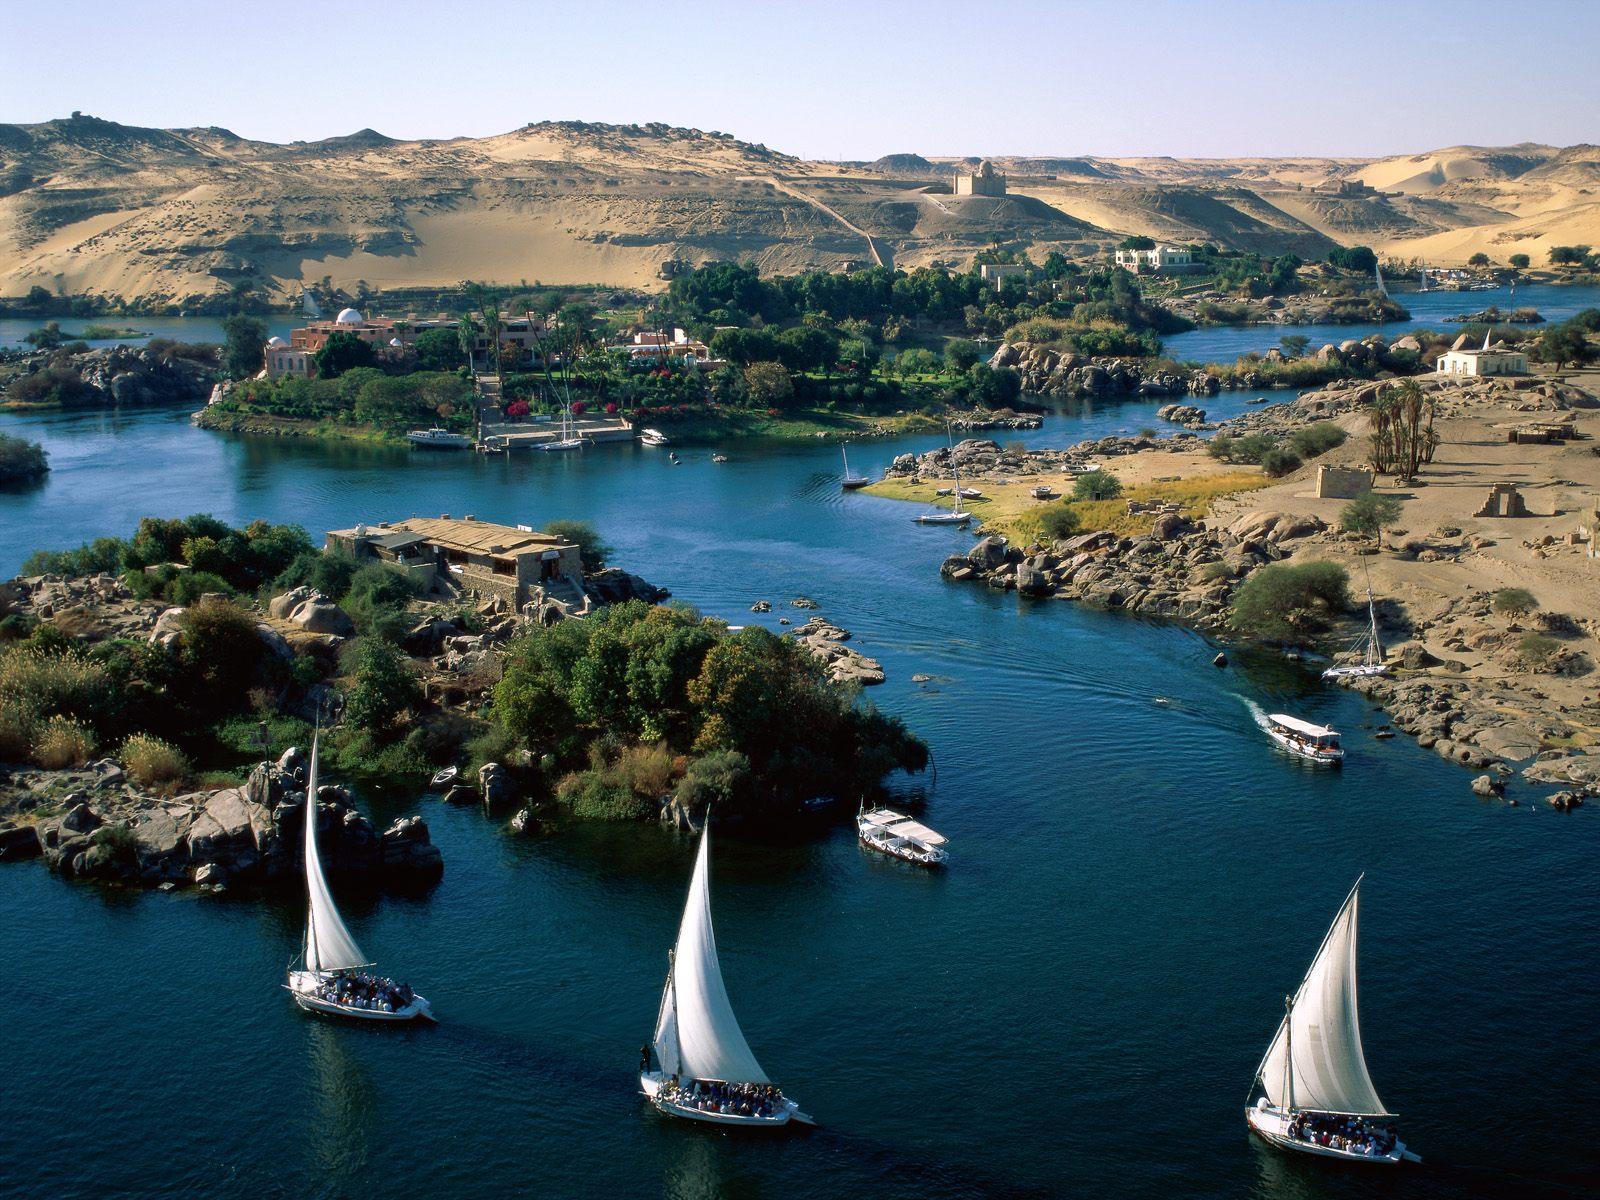 #egypt #egypttourism #aswan #aswannile #nile